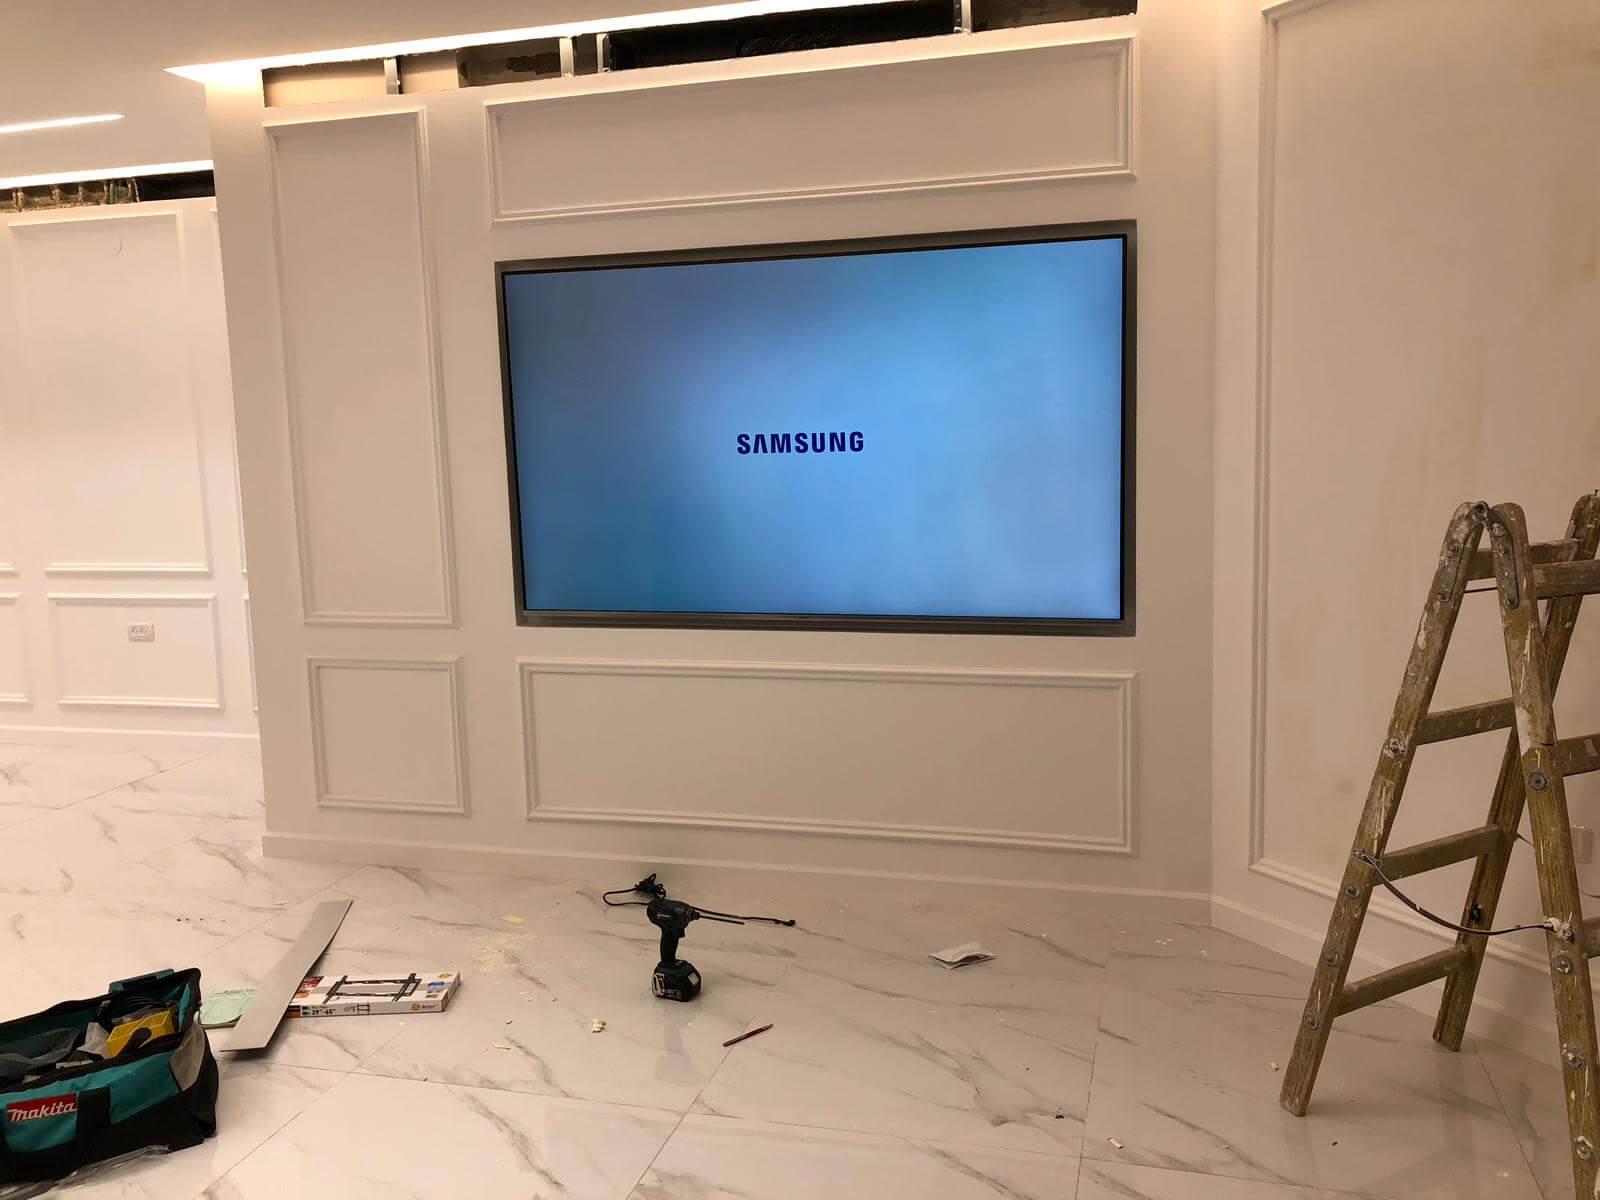 תמונת גלריה הגדול בהתקנות מתקין טלוויזיות מקצועי עם יחס אישי 6